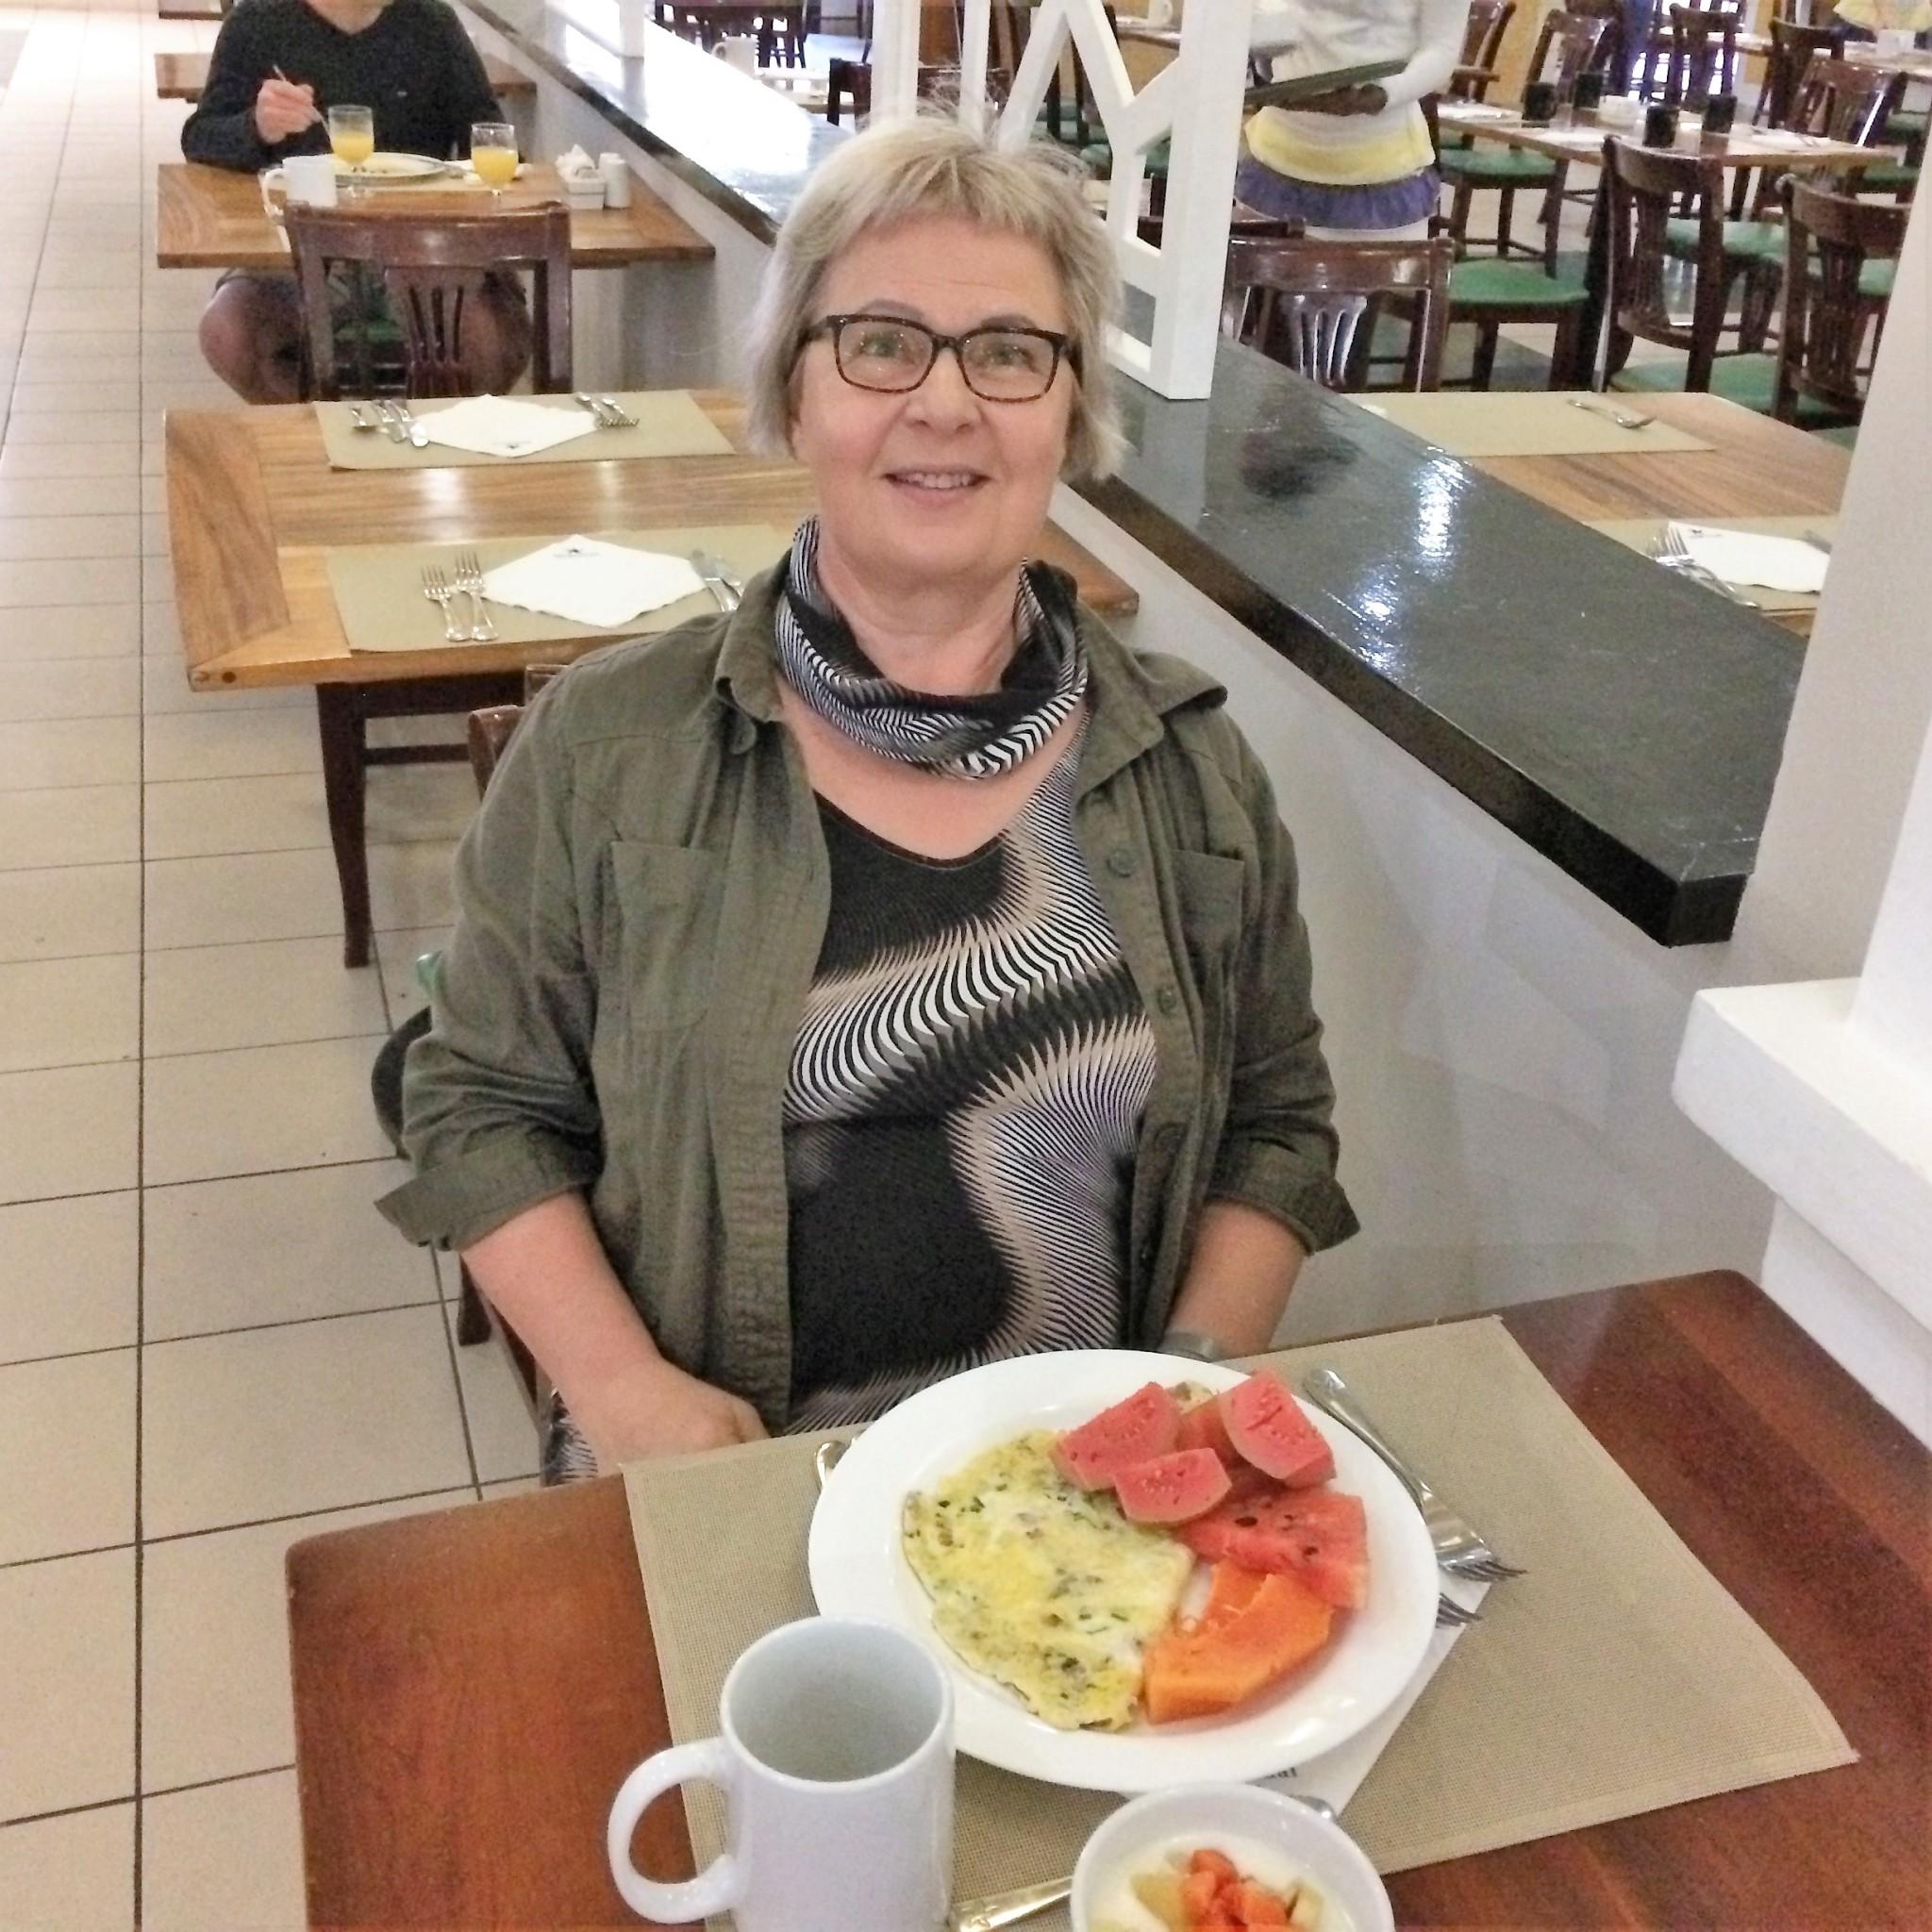 rouva aamiaisella Varaderossa hotelli Laguna Azulissa